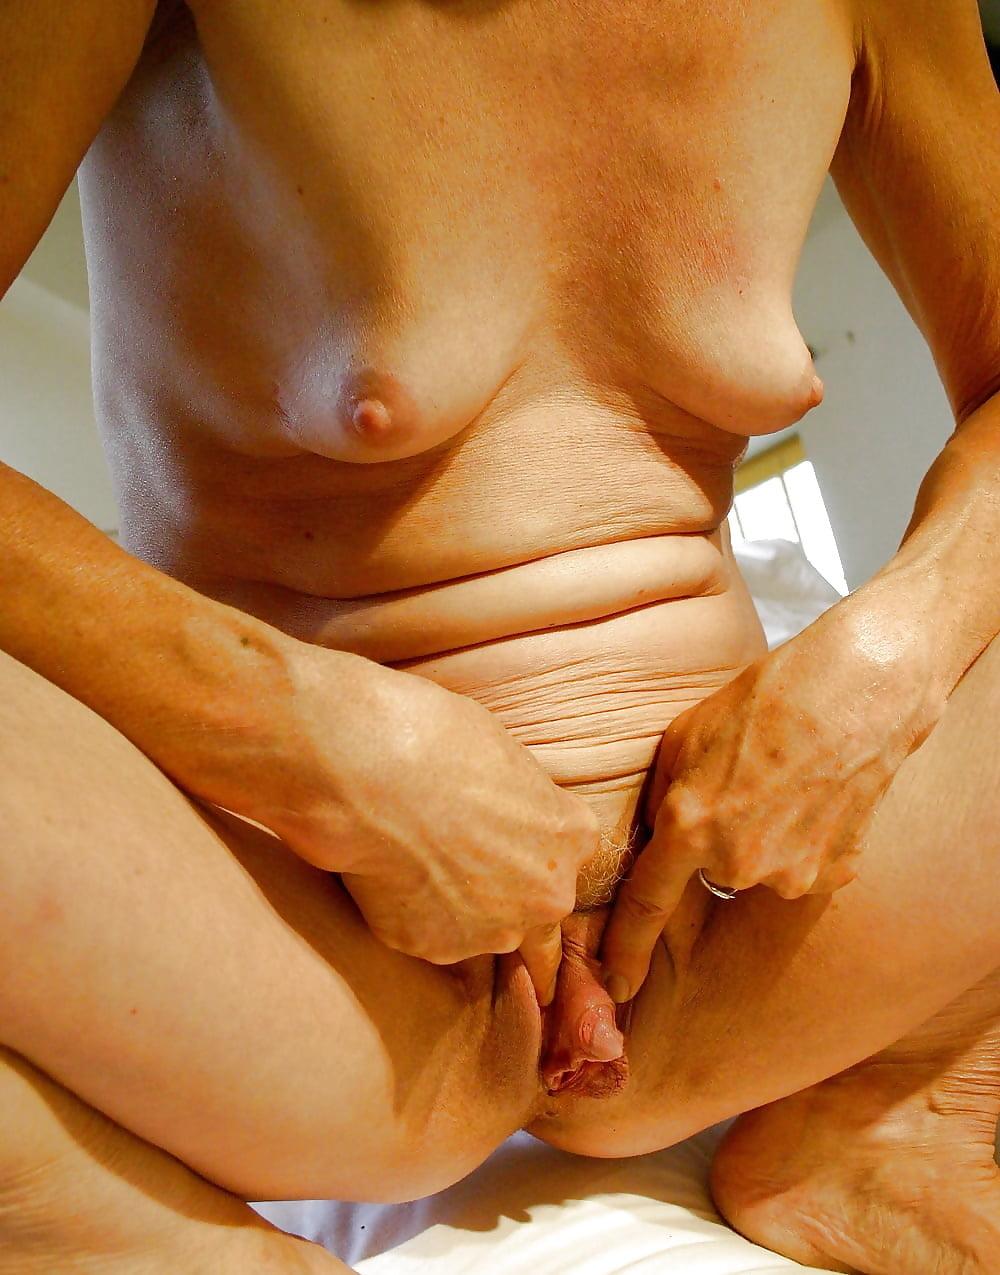 Long nipples big clits